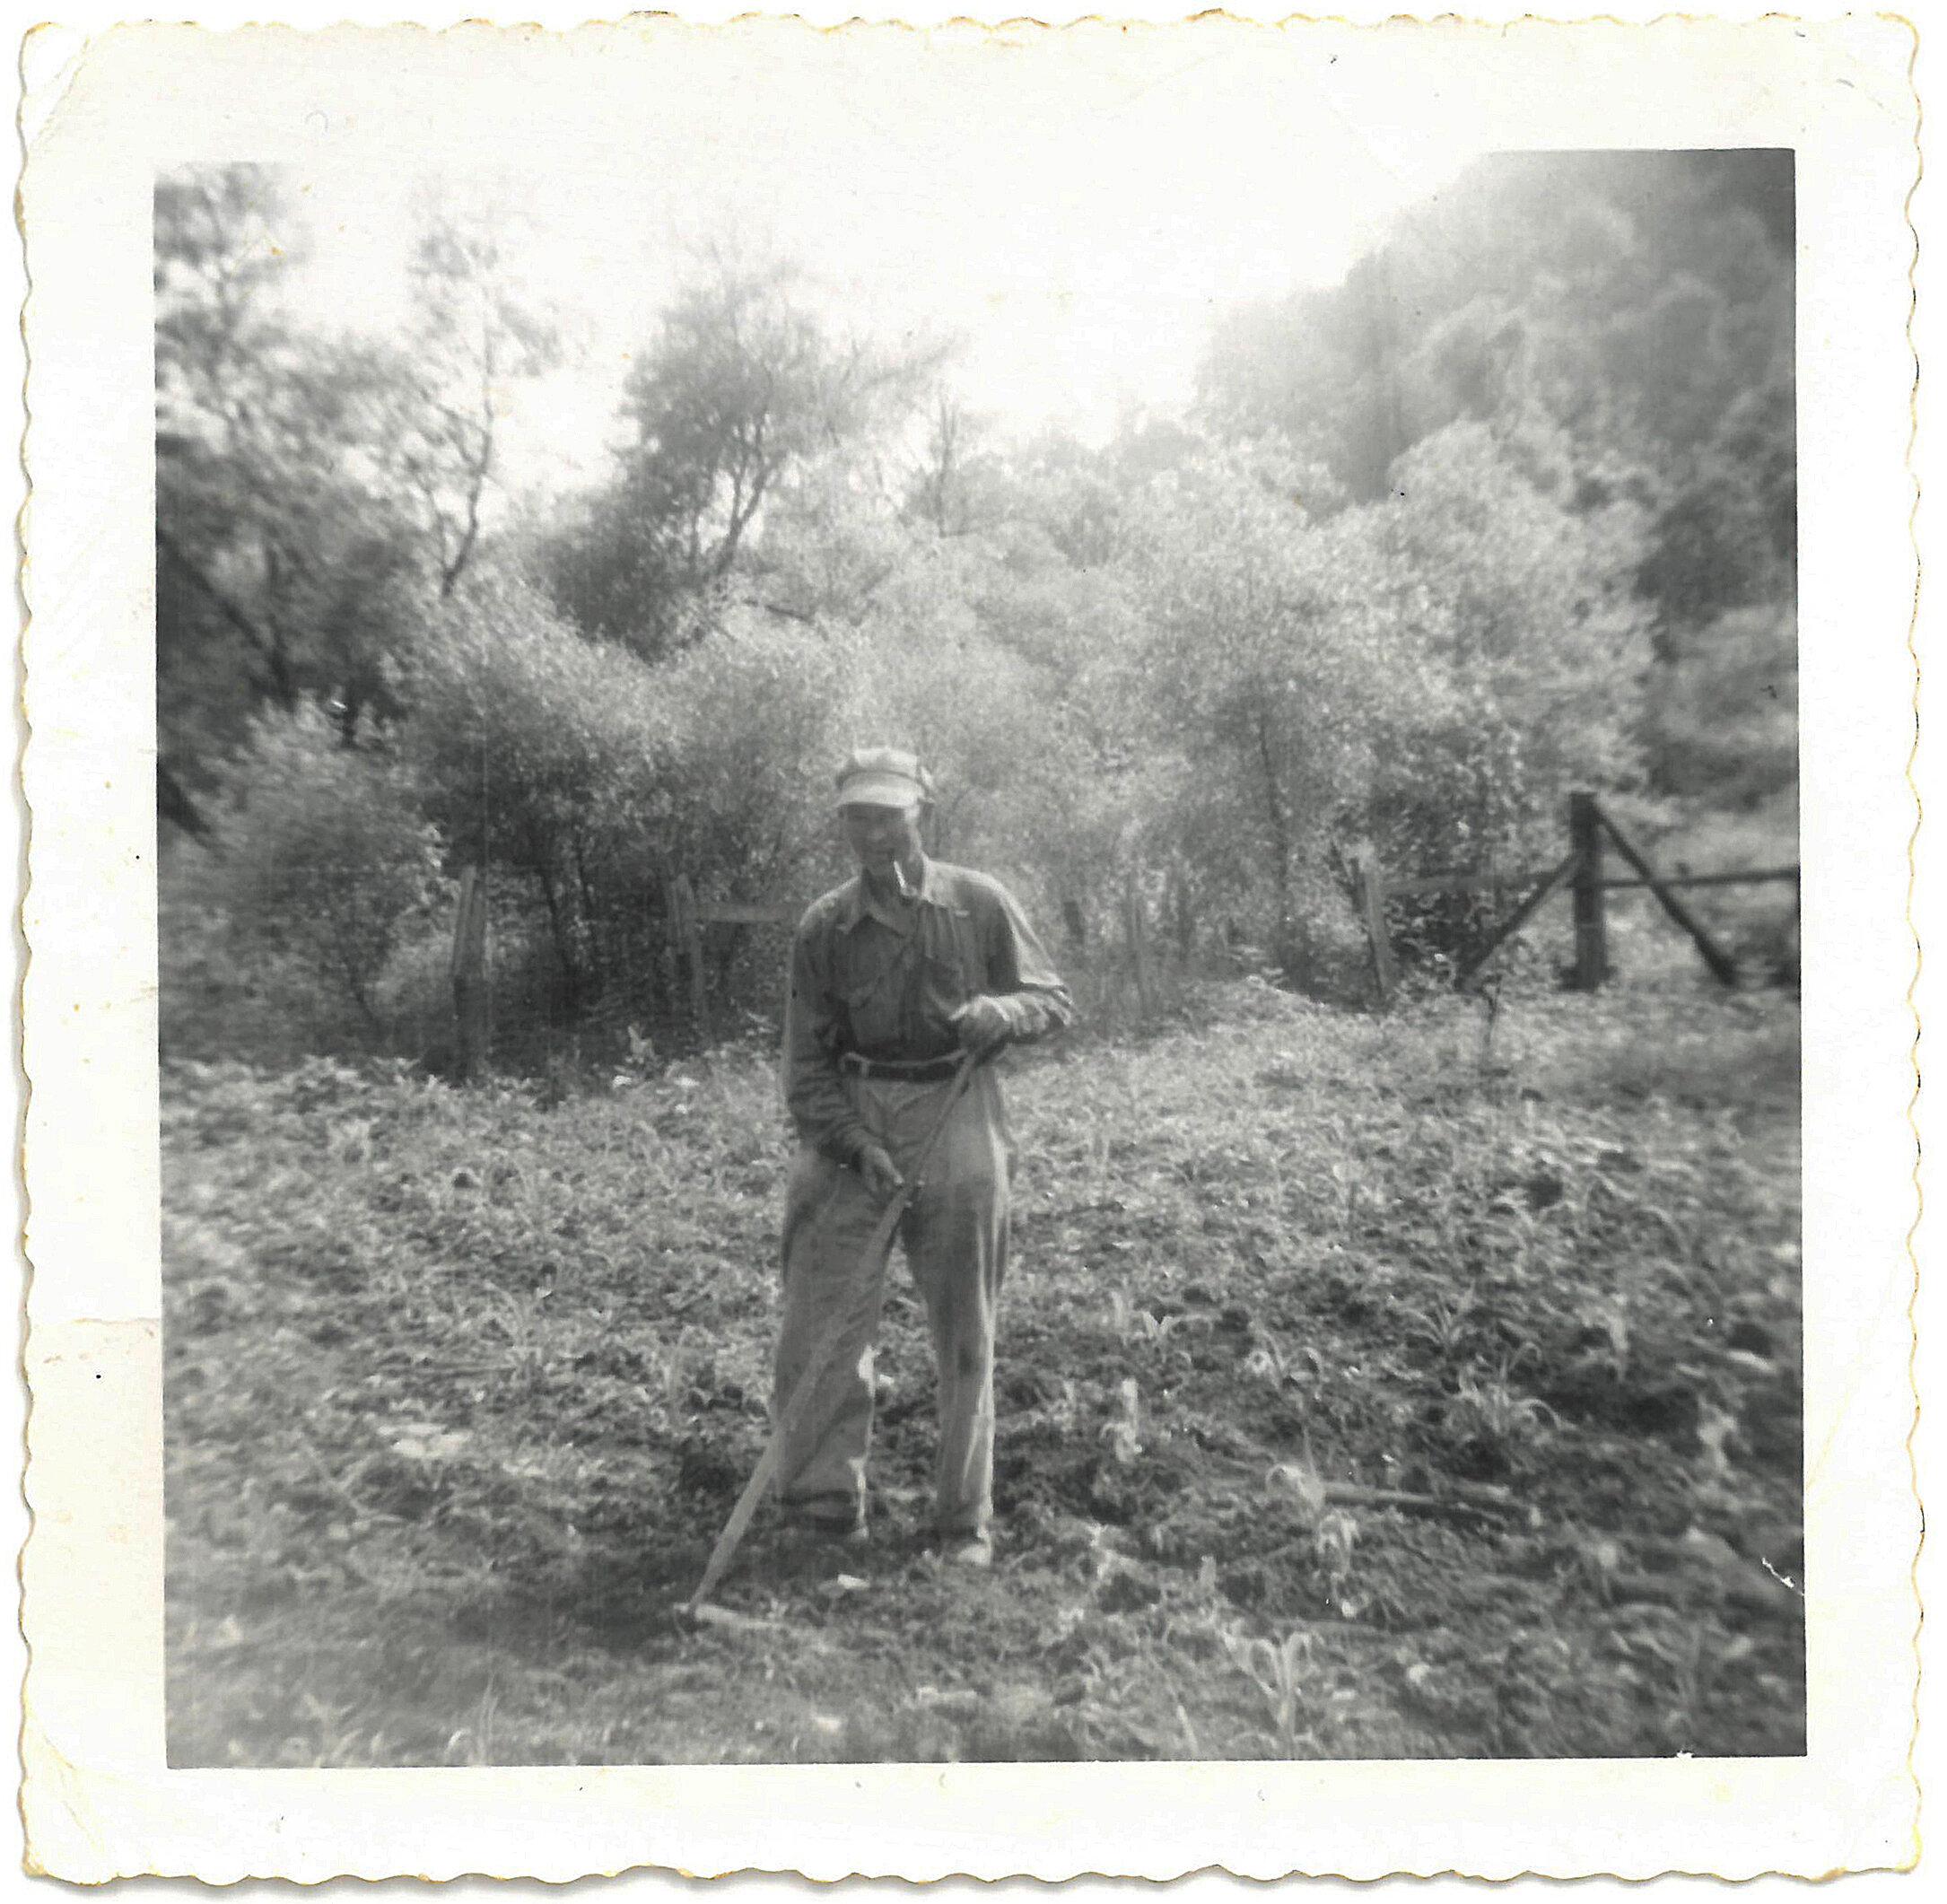 爷爷爷爷·罗丝·罗丝家族的祖母。